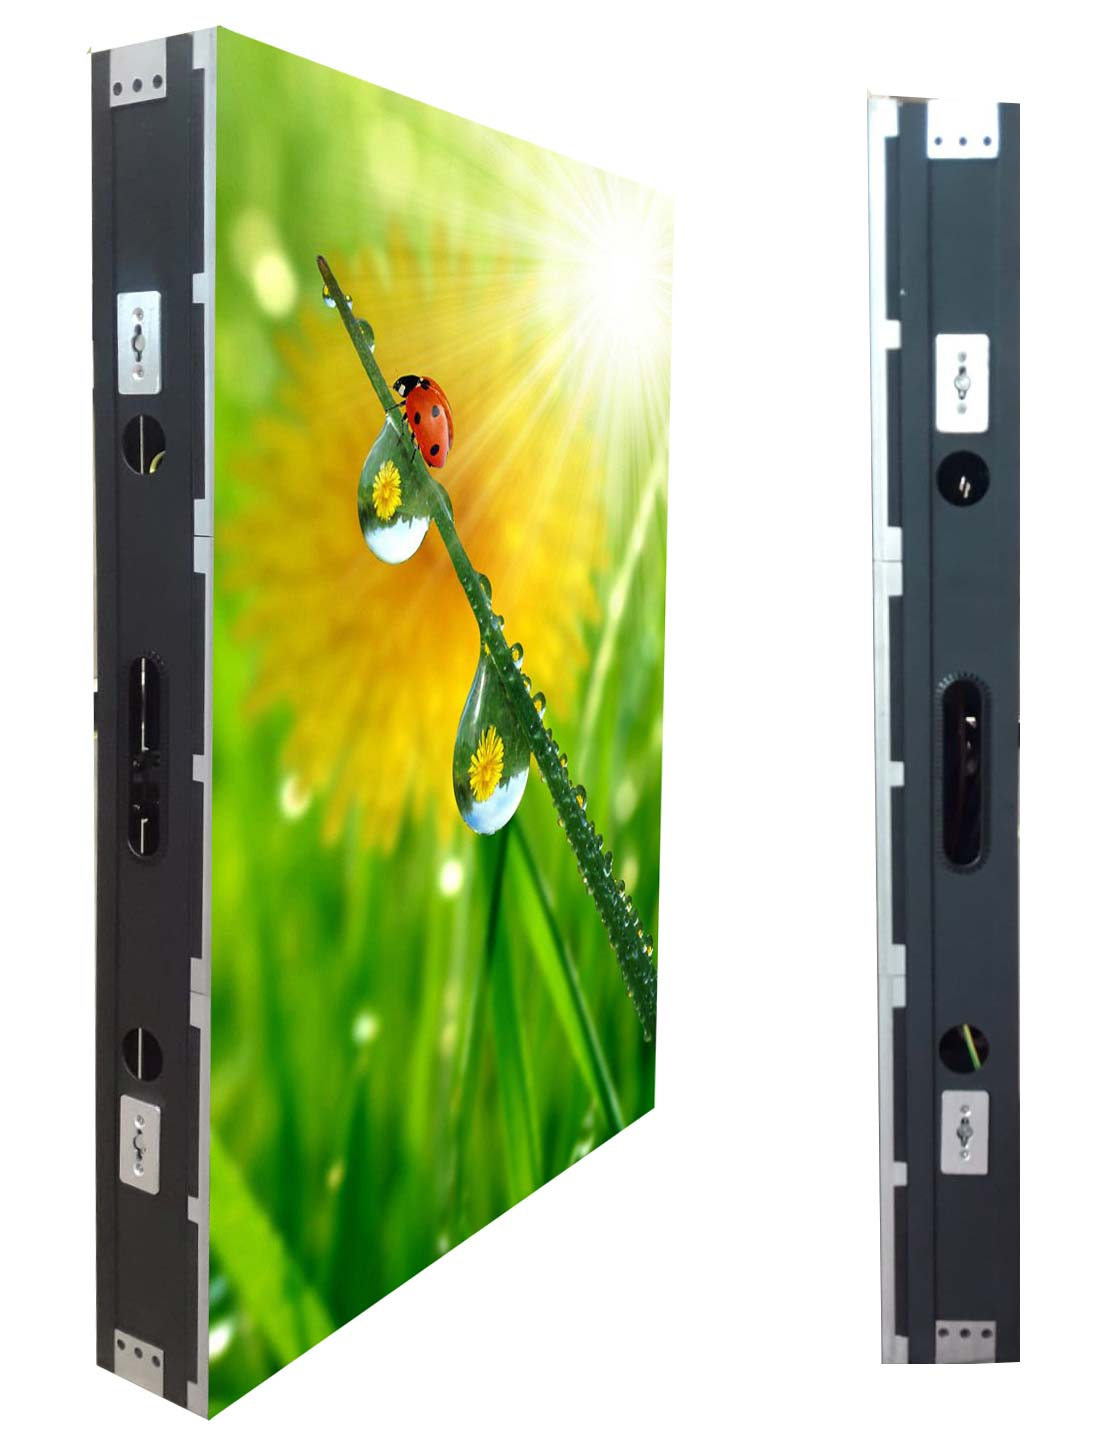 Ledwall modulari per installazioni fisse o mobili da interno e/o esterno